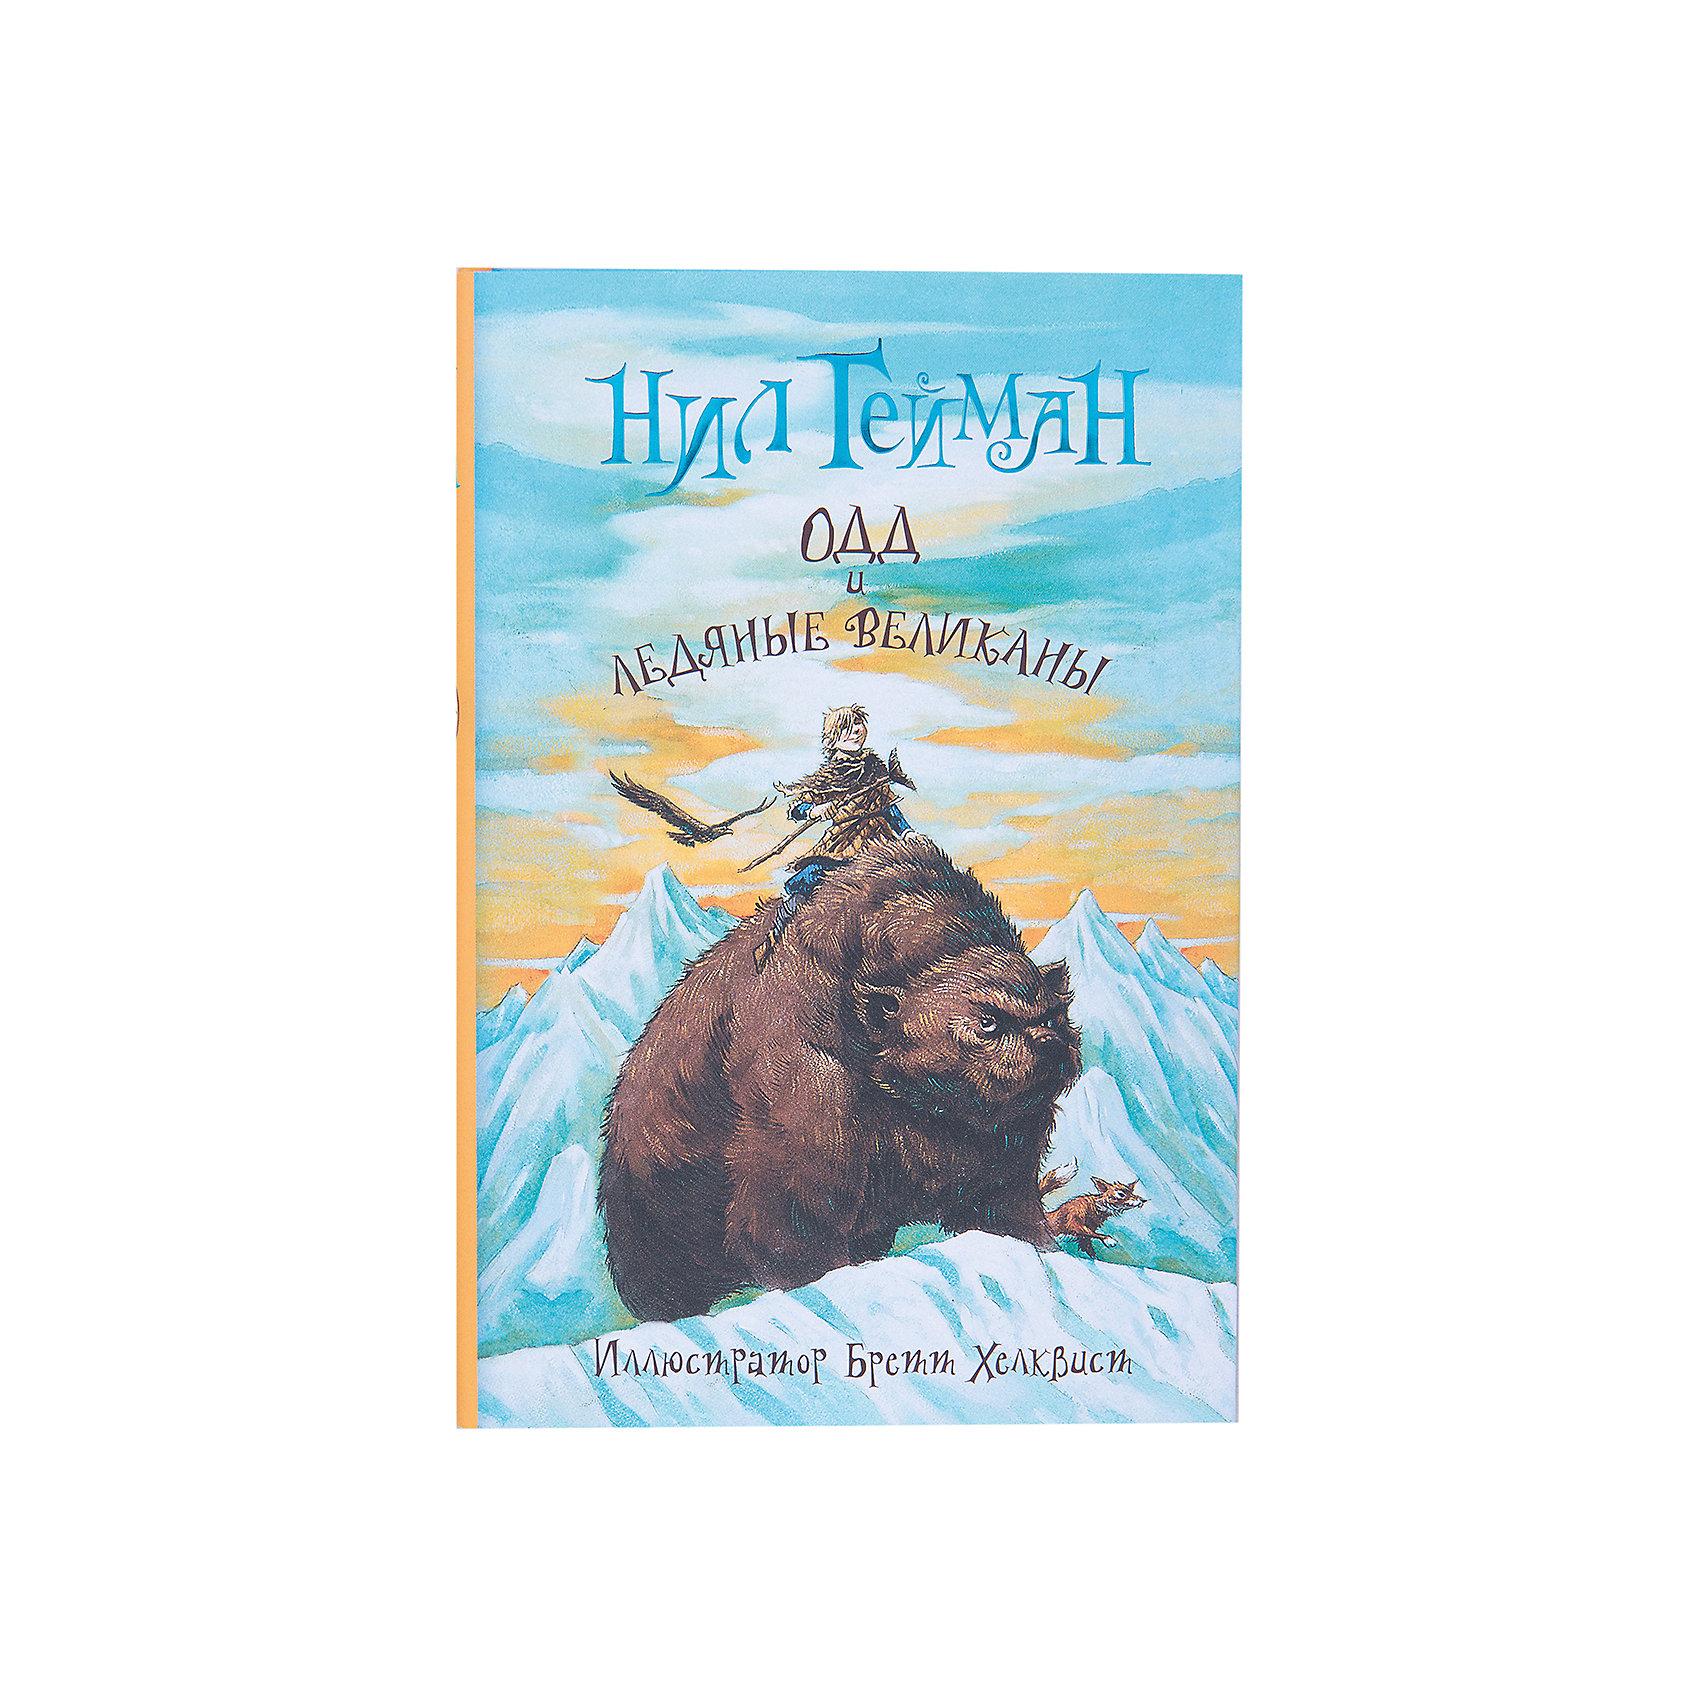 Одд и ледяные великаныМАЛЫШ<br>Одд и ледяные великаны<br>Книга Одд и ледяные великаны впервые выпускается на русском языке. Это новая история для детей и подростков, которая может придти по вкусу и взрослым, от известного автора Нила Геймана, написавшего такие знаменитые произведения как «Звездная пыль», «Сыновья Ананси» и «Коралина». Новая книга придется по вкусу любителям сказочных миров, в которых полно древней магии, как доброй, так и злой и любителям приключений. В книге присутстует захватывающий сюжет, юмор, животные, которые умеют говорить, и мир, который ожидает весны. Странный мальчик по имени Одд возьмет вас с собой  в эти удивительные и захватывающие места волшебного Севера, напоминающие о скандинавских мифах.<br>- год выпуска: 2014<br>- количество страниц: 128<br>- формат: 21,7 * 14,5 * 1,4 см.<br>- переплет: твердый<br>- вес: 270гр.<br><br>Книгу Одд и ледяные великаны можно купить в нашем интернет - магазине.<br>Подробнее:<br>• ISBN: 9785170853649<br>• Для детей в возрасте: от 10 лет<br>• Номер товара: 4902188<br>Страна производитель: Российская Федерация<br><br>Ширина мм: 12<br>Глубина мм: 140<br>Высота мм: 210<br>Вес г: 270<br>Возраст от месяцев: 84<br>Возраст до месяцев: 2147483647<br>Пол: Унисекс<br>Возраст: Детский<br>SKU: 4902188